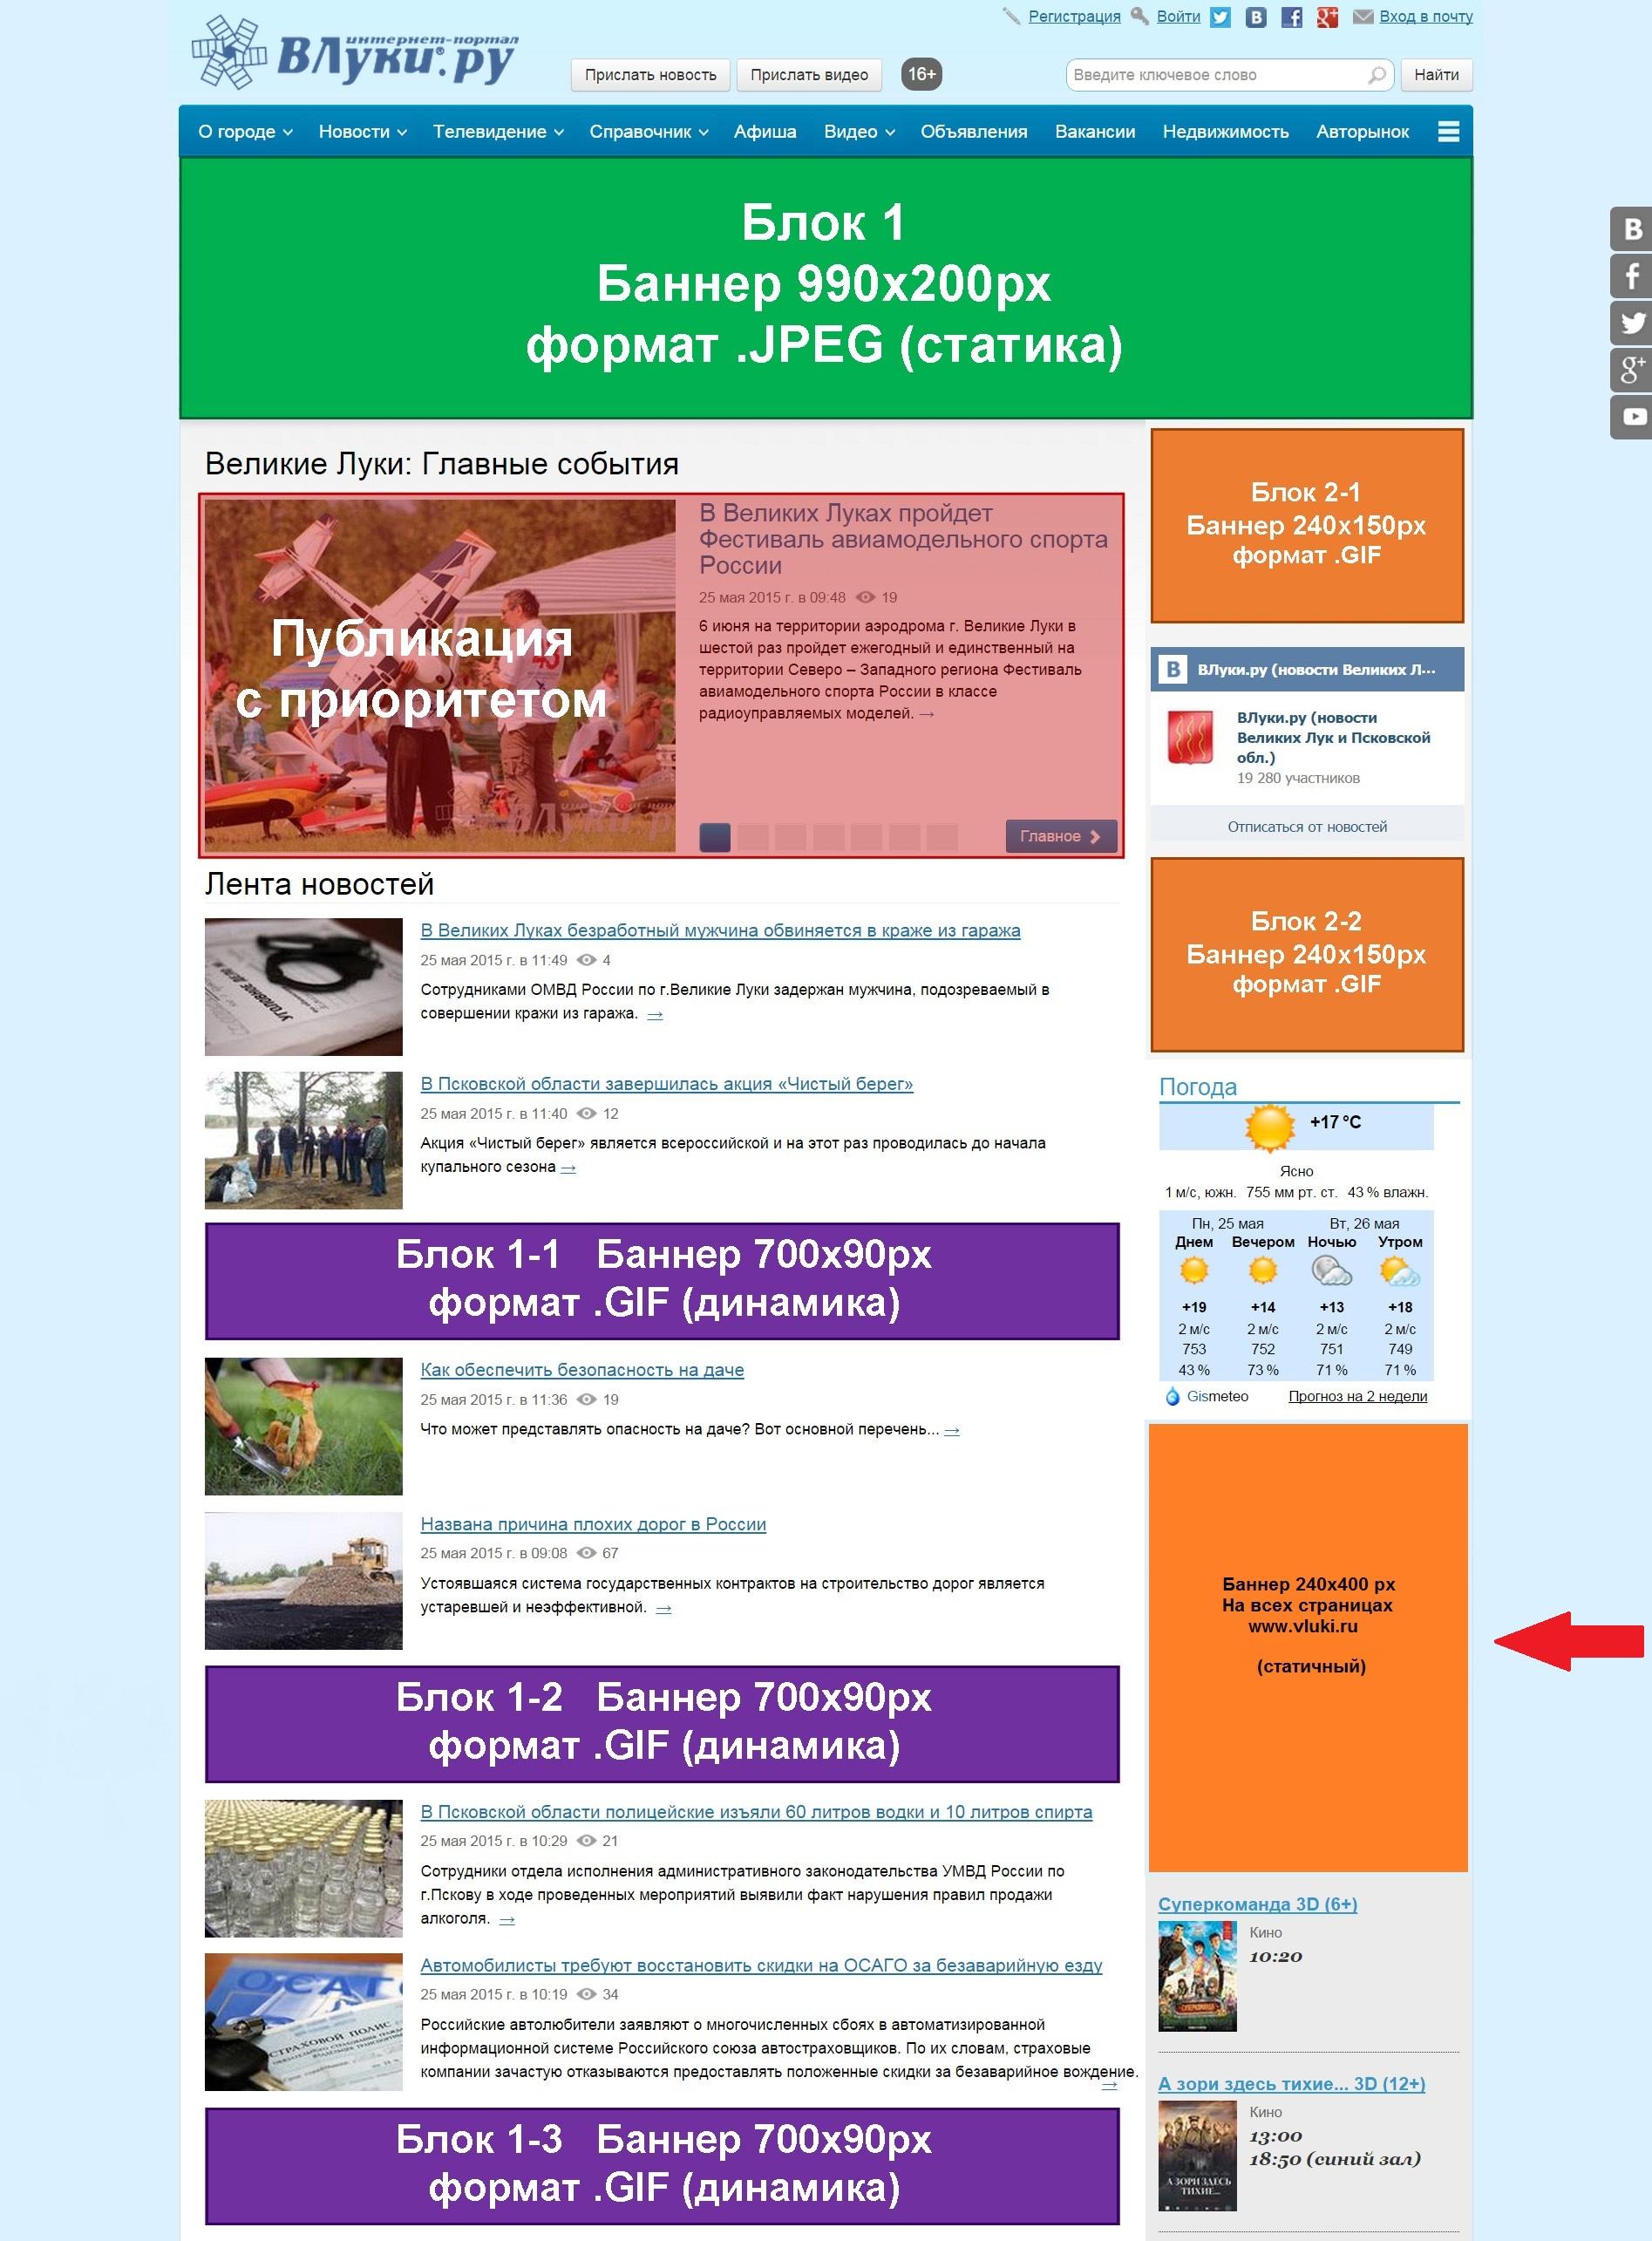 Размещение статей в Великие Луки продвижение сайтов по трафику